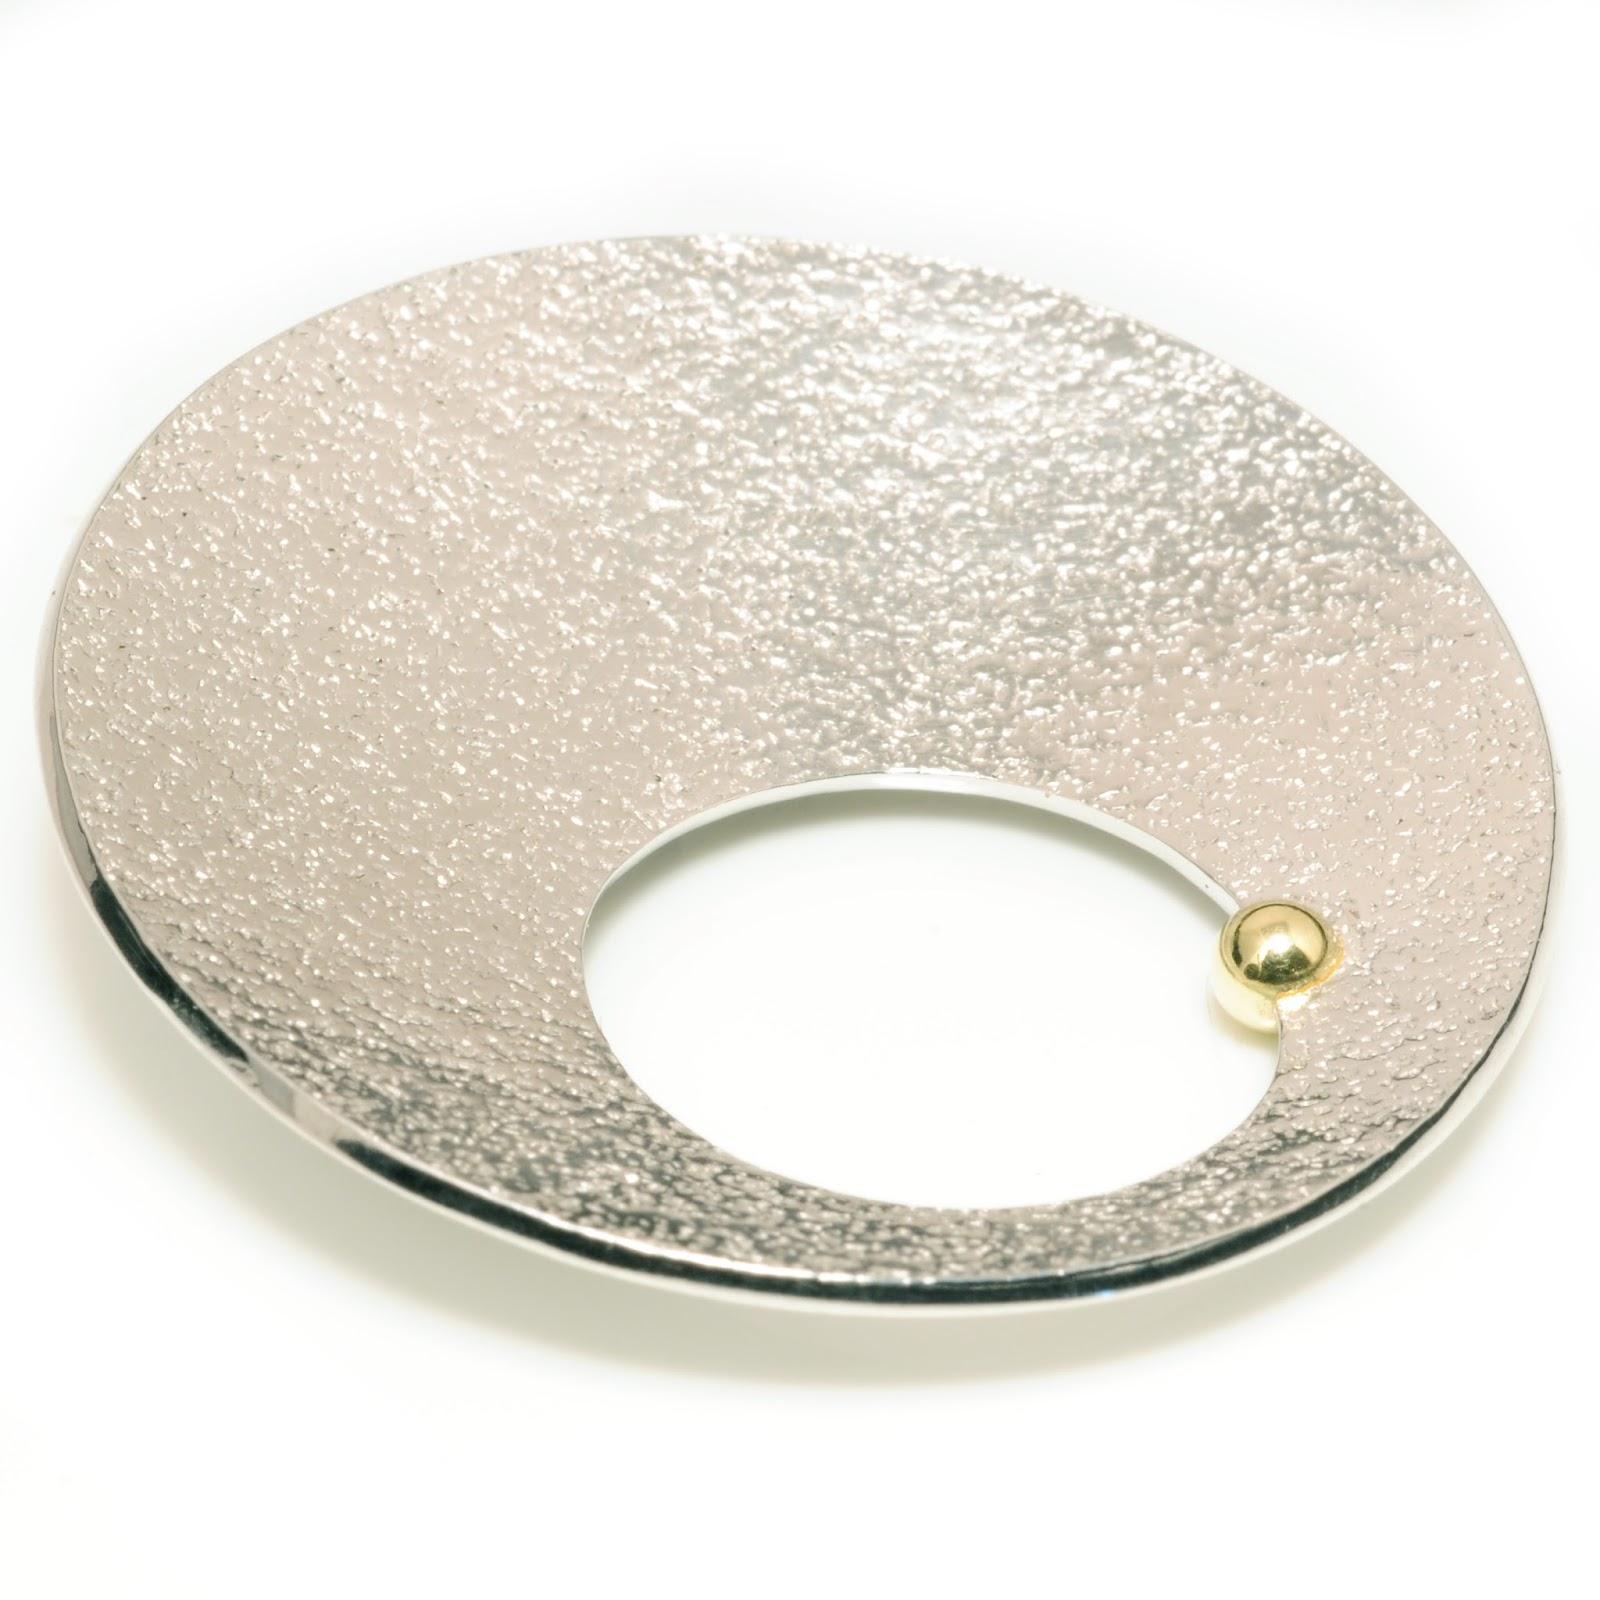 http://www.notonthehighstreet.com/machidewaardjewellery/product/gold-ball-concave-textured-brooch